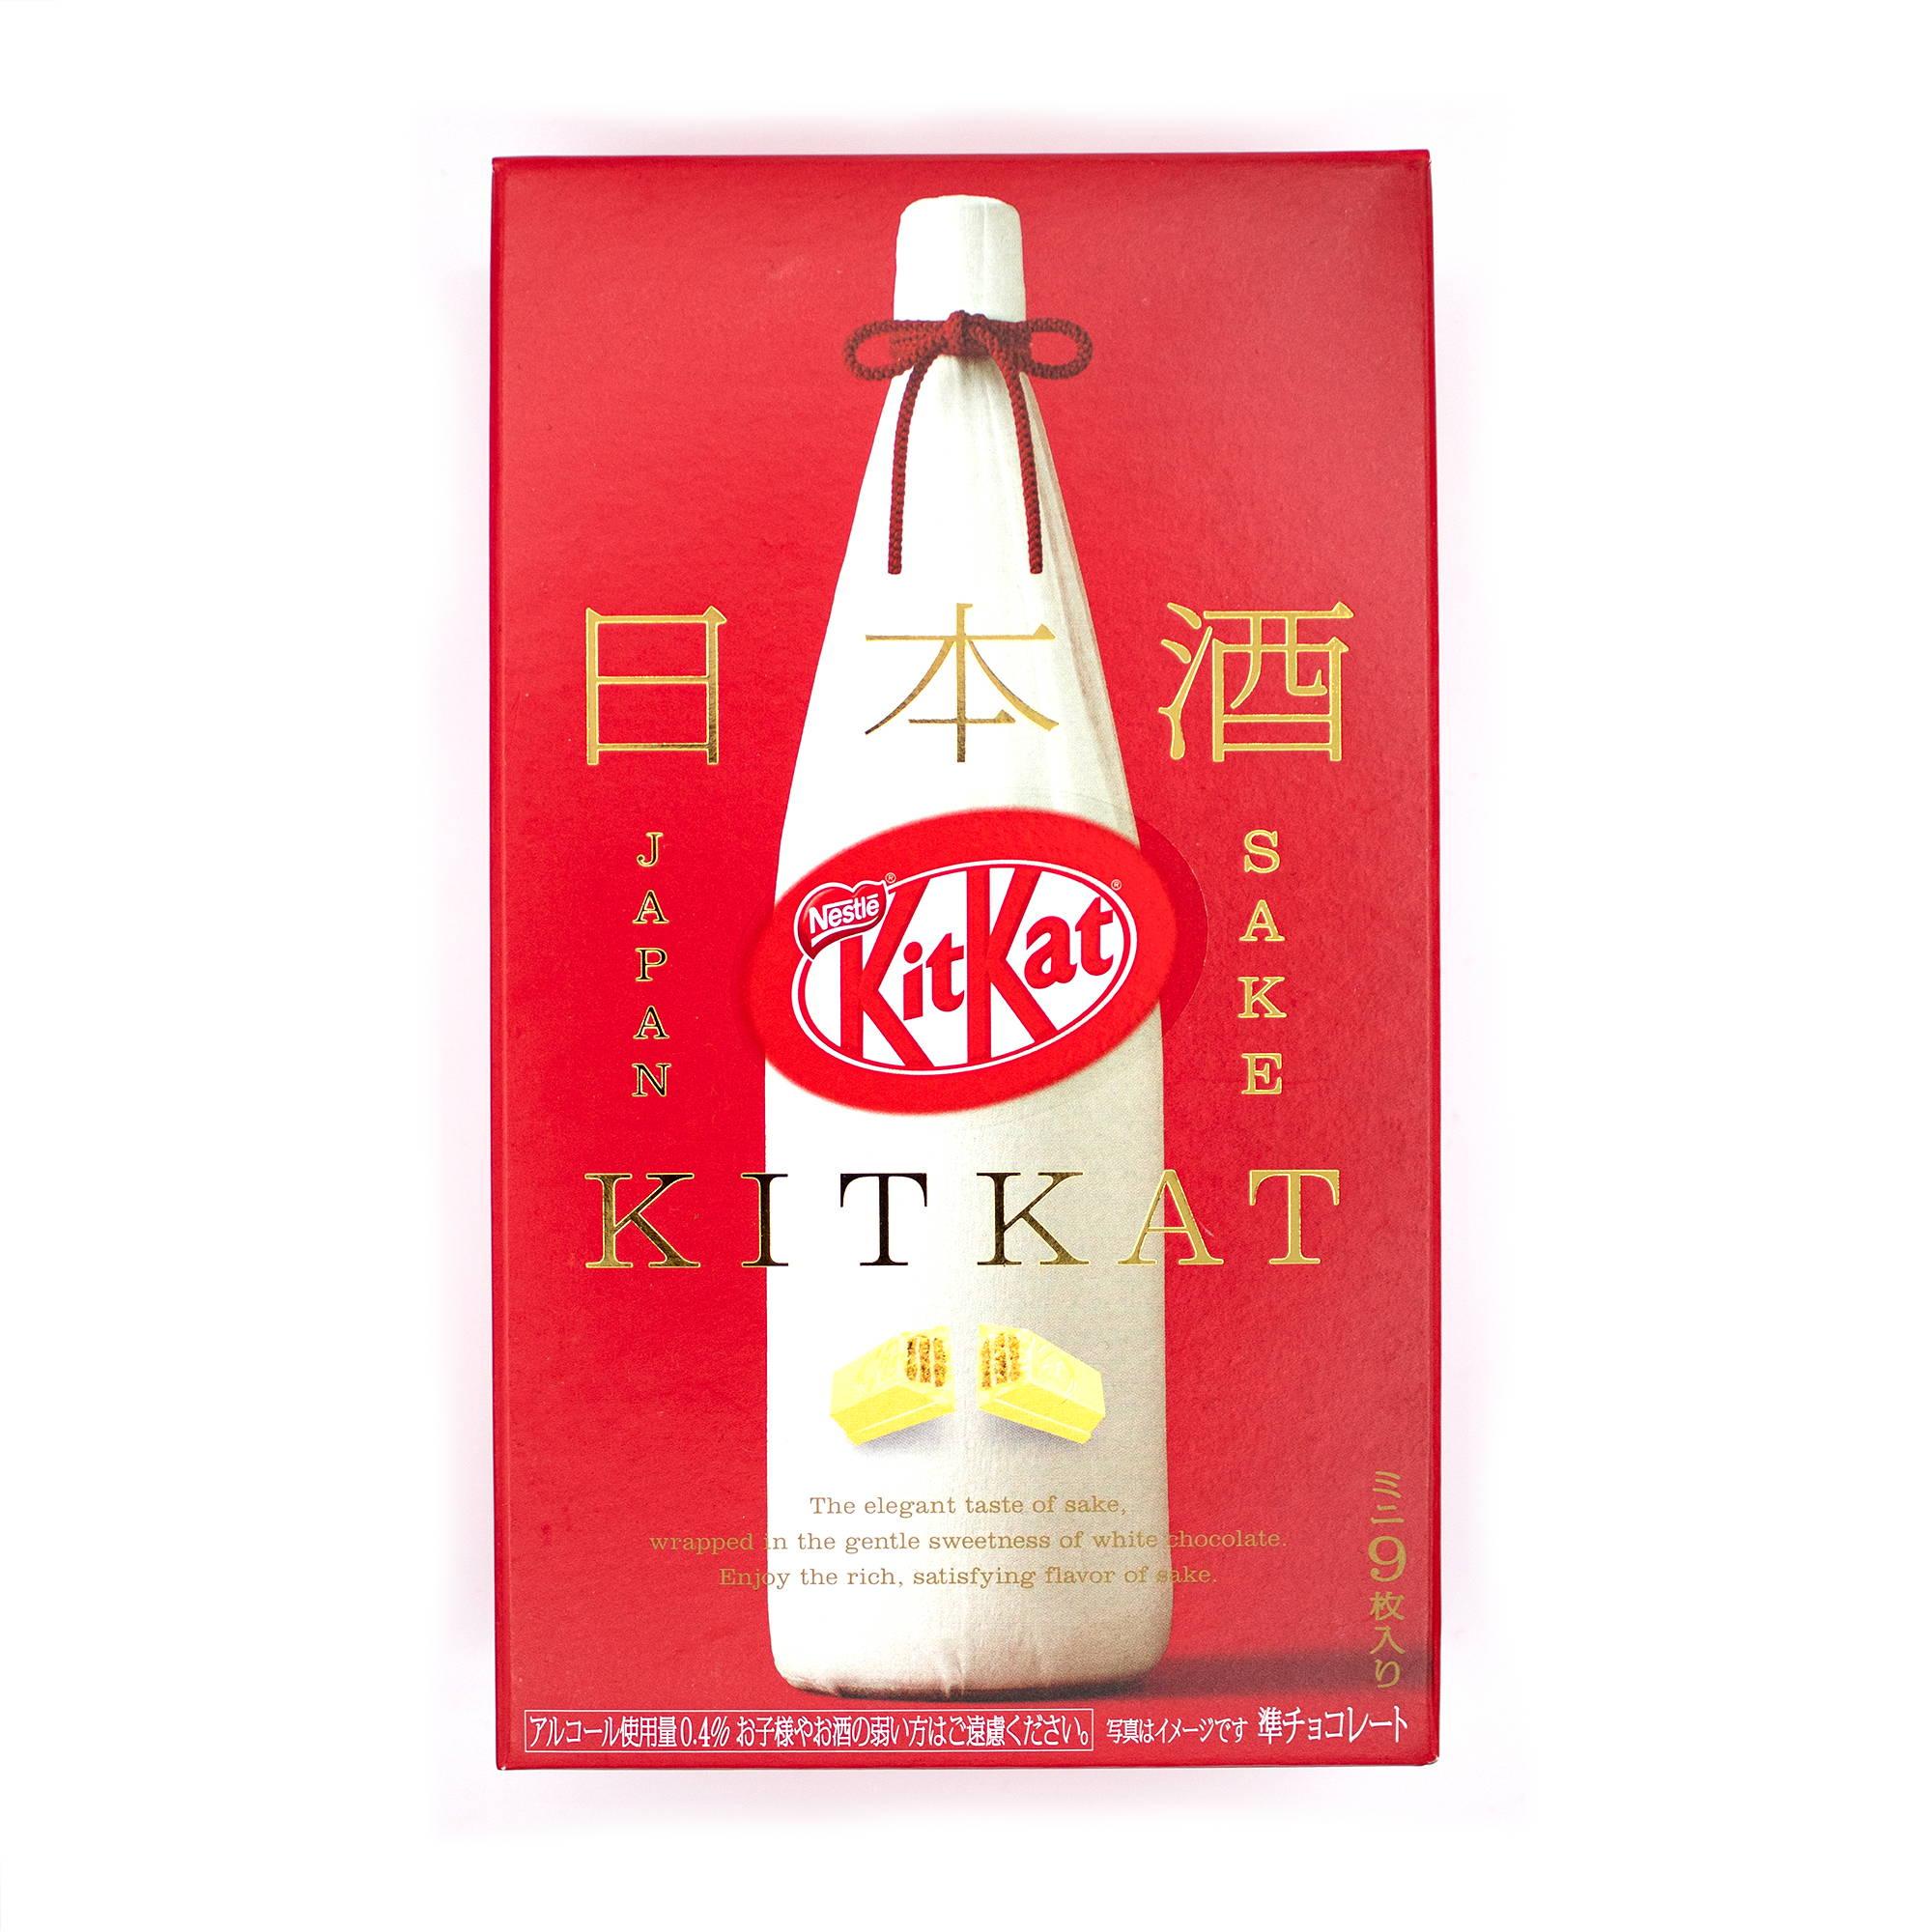 Japan Sake nihonshu Kit Kat